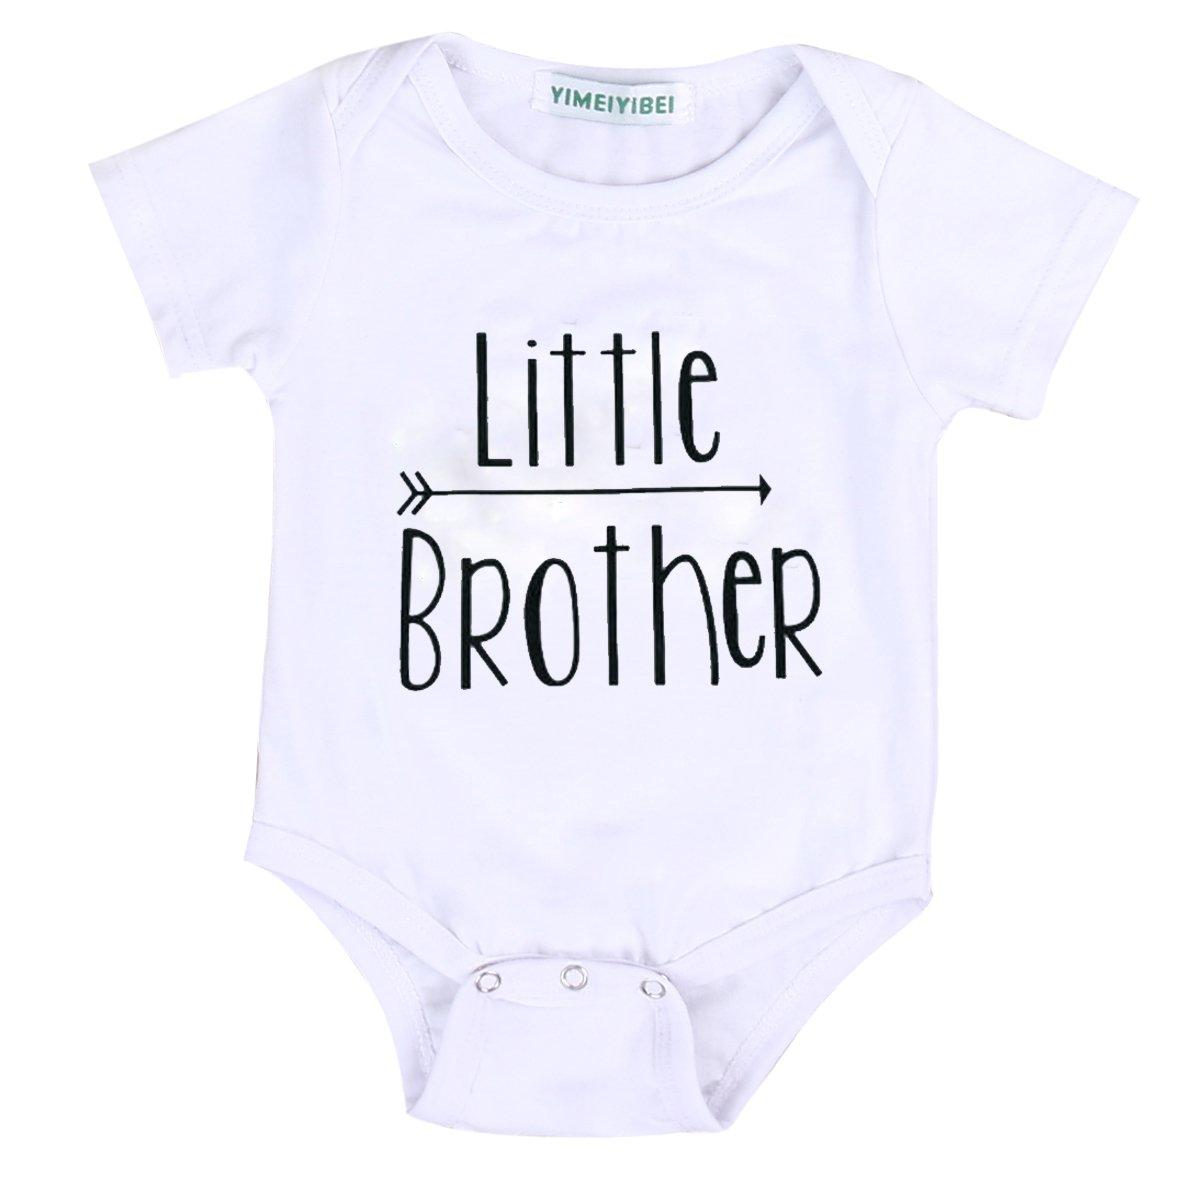 お手頃価格 Little Brother 6-12 & Big Brother & B06XZ5YNJF Little & Sister矢印パターン印刷ロンパース& TシャツTトップス 6-12 Months Little Brother B06XZ5YNJF, コスメコレクション:7d201aca --- a0267596.xsph.ru